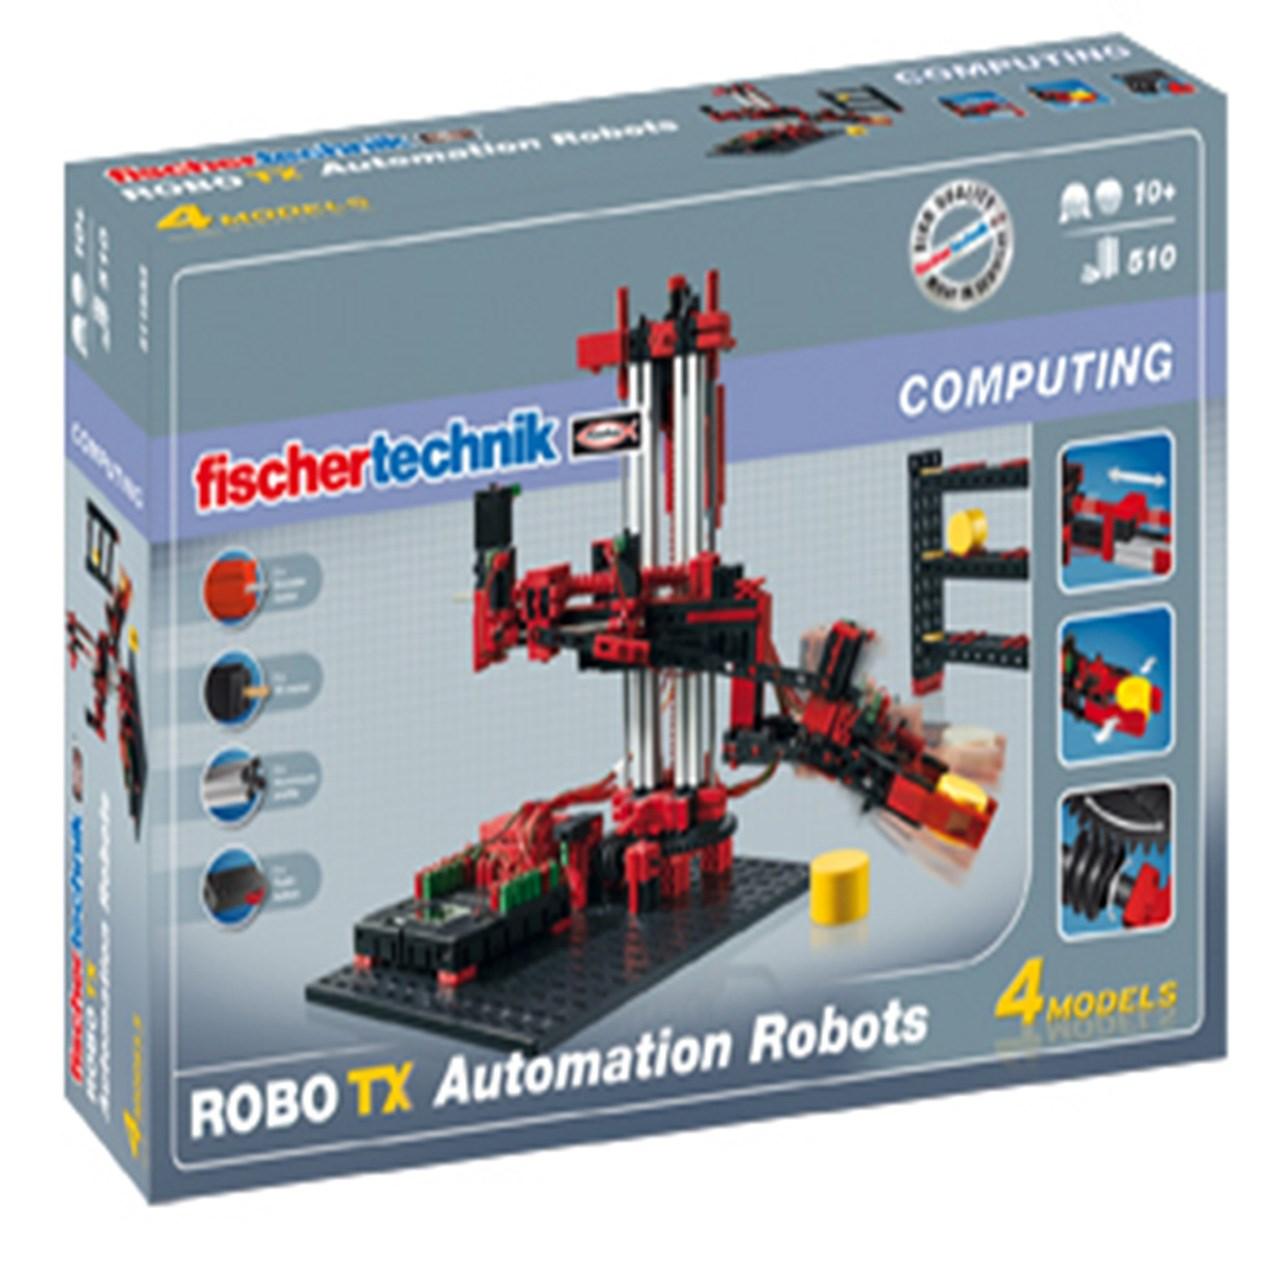 ساختنی فیشر  تکنیک مدل ROBO TXT Automation Robots 511933